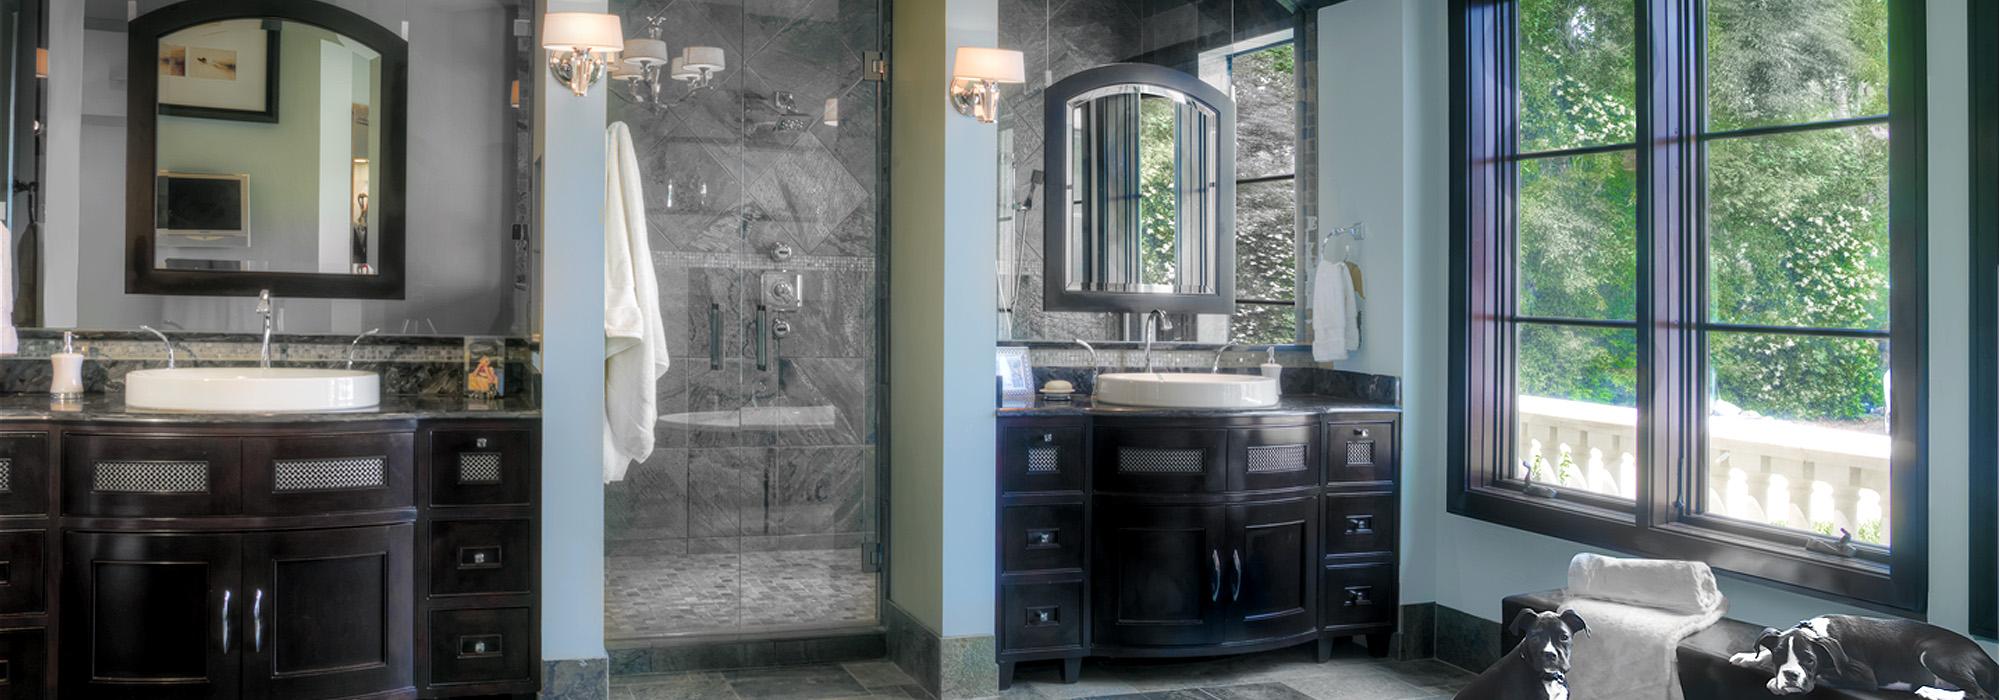 Mig Master Bath 2000x700x10